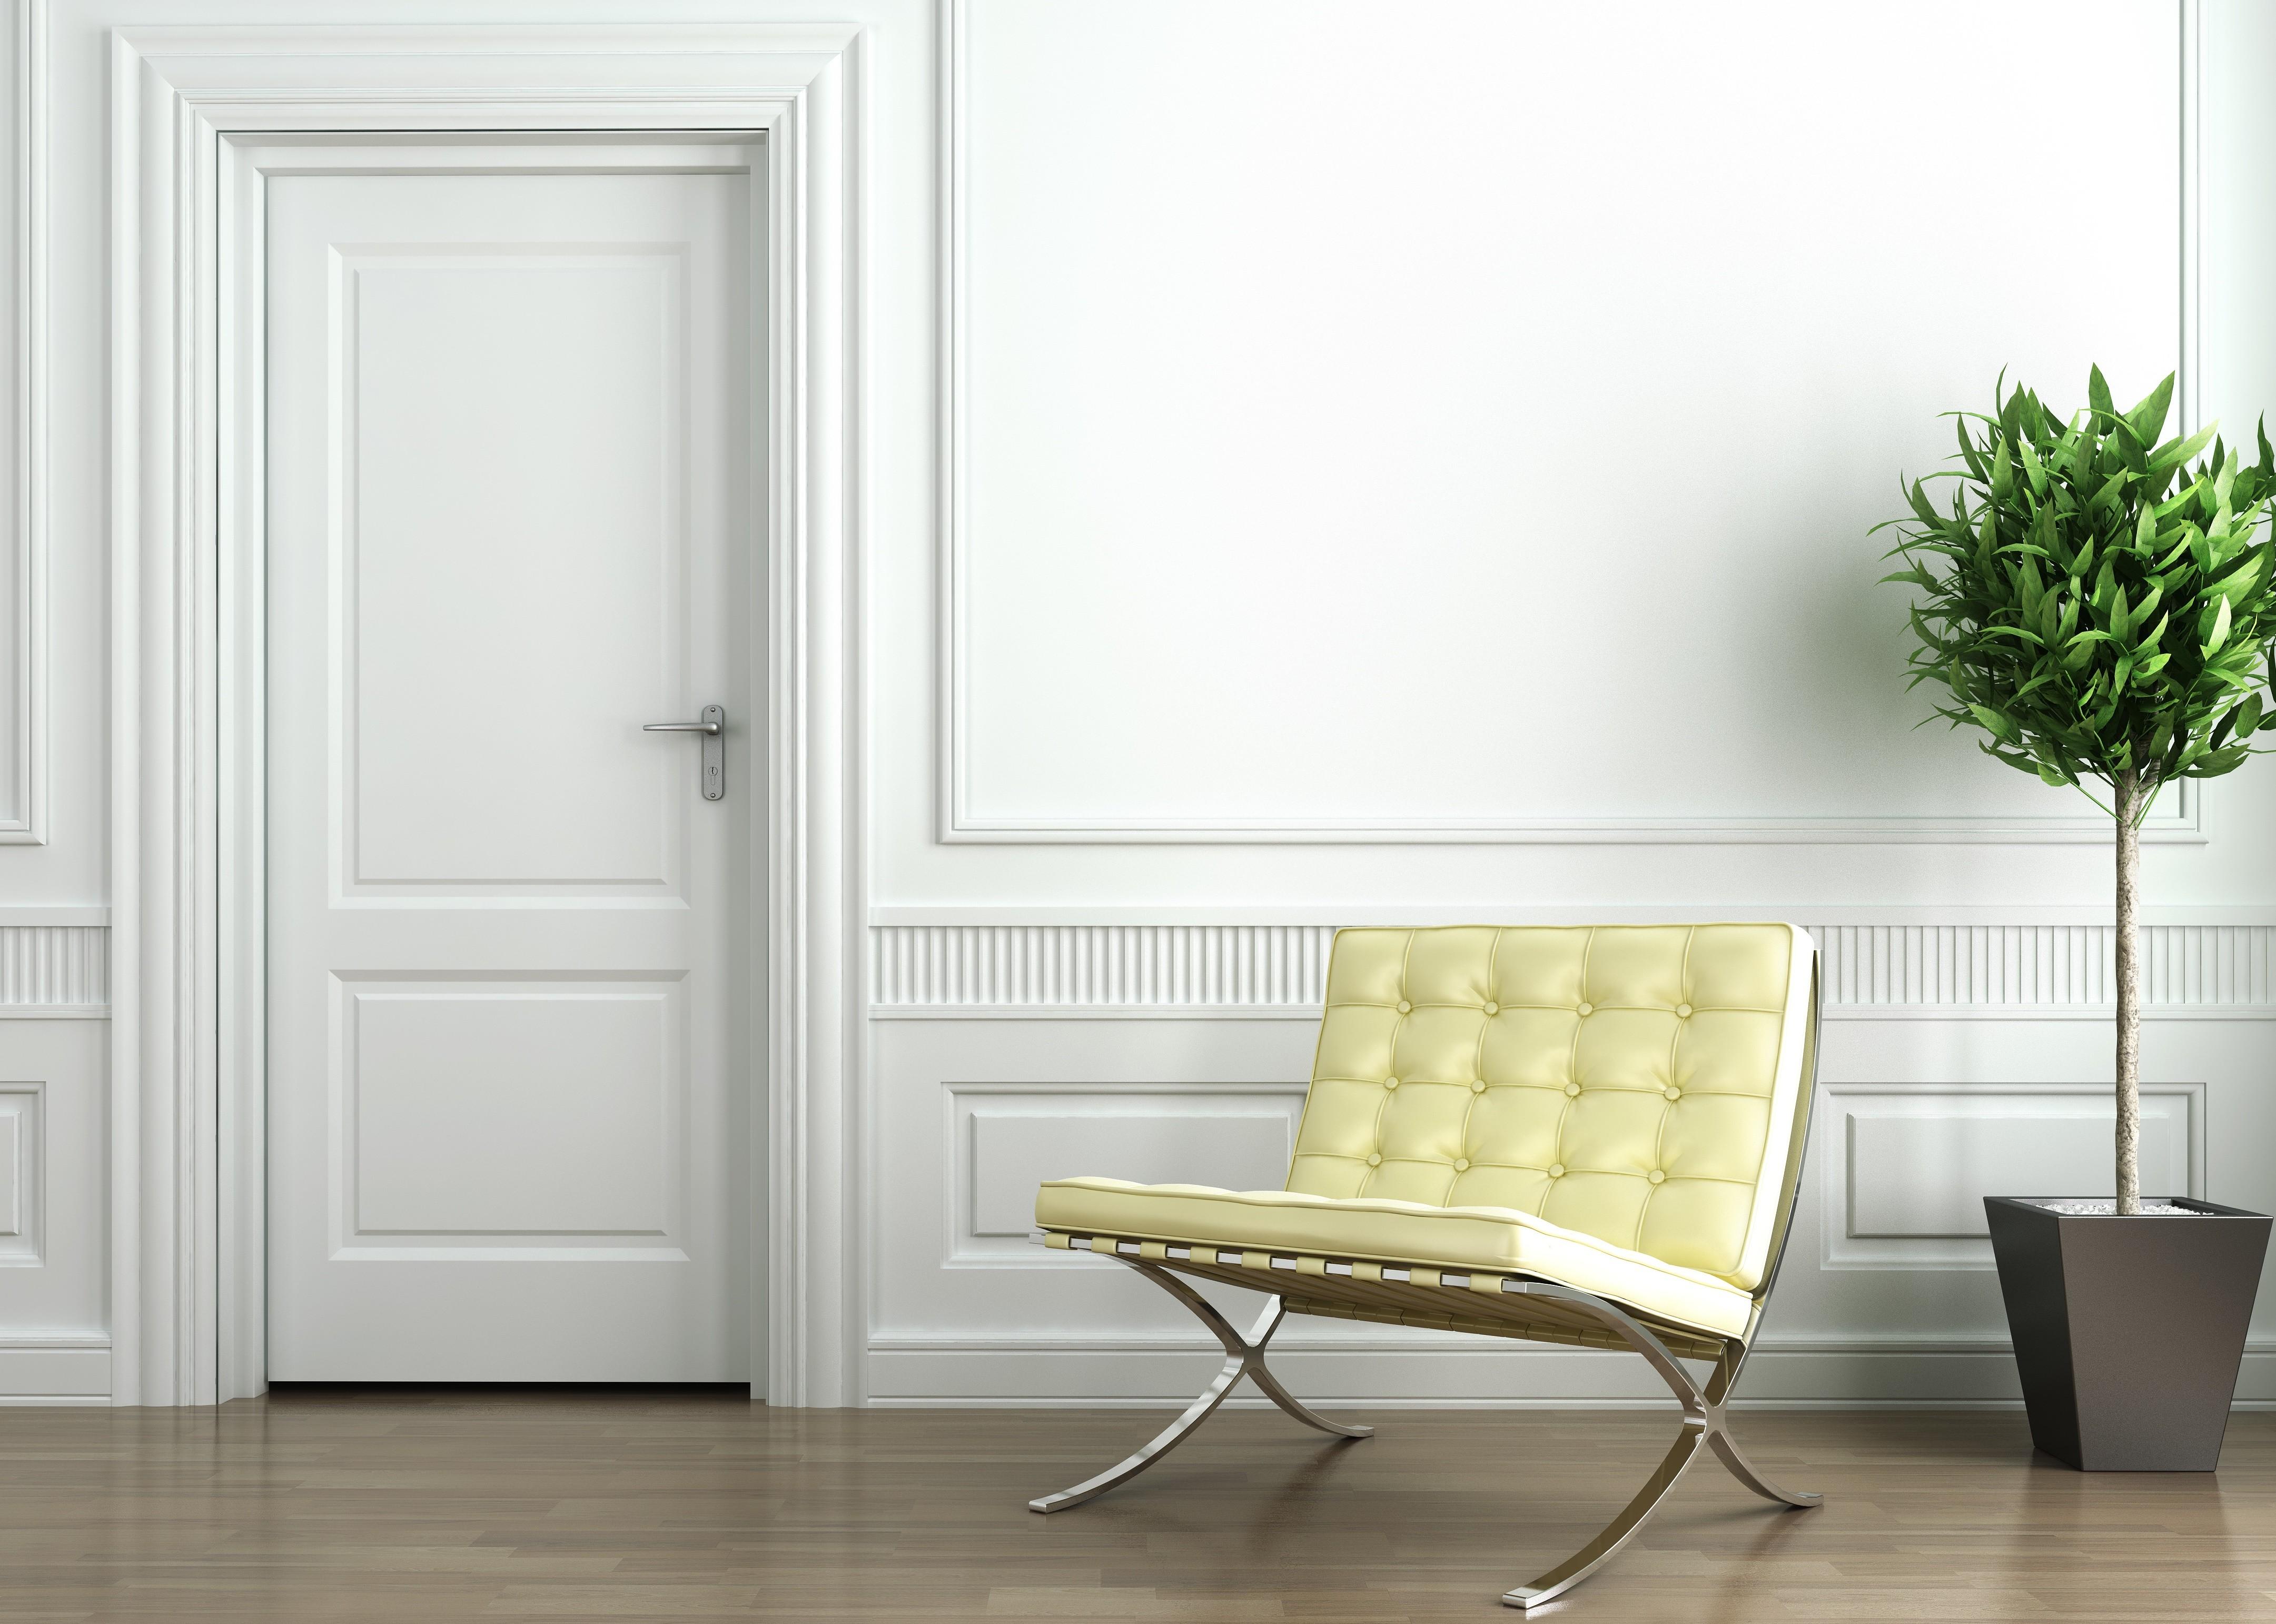 Lacar puertas en blanco for Colores para pintar puertas